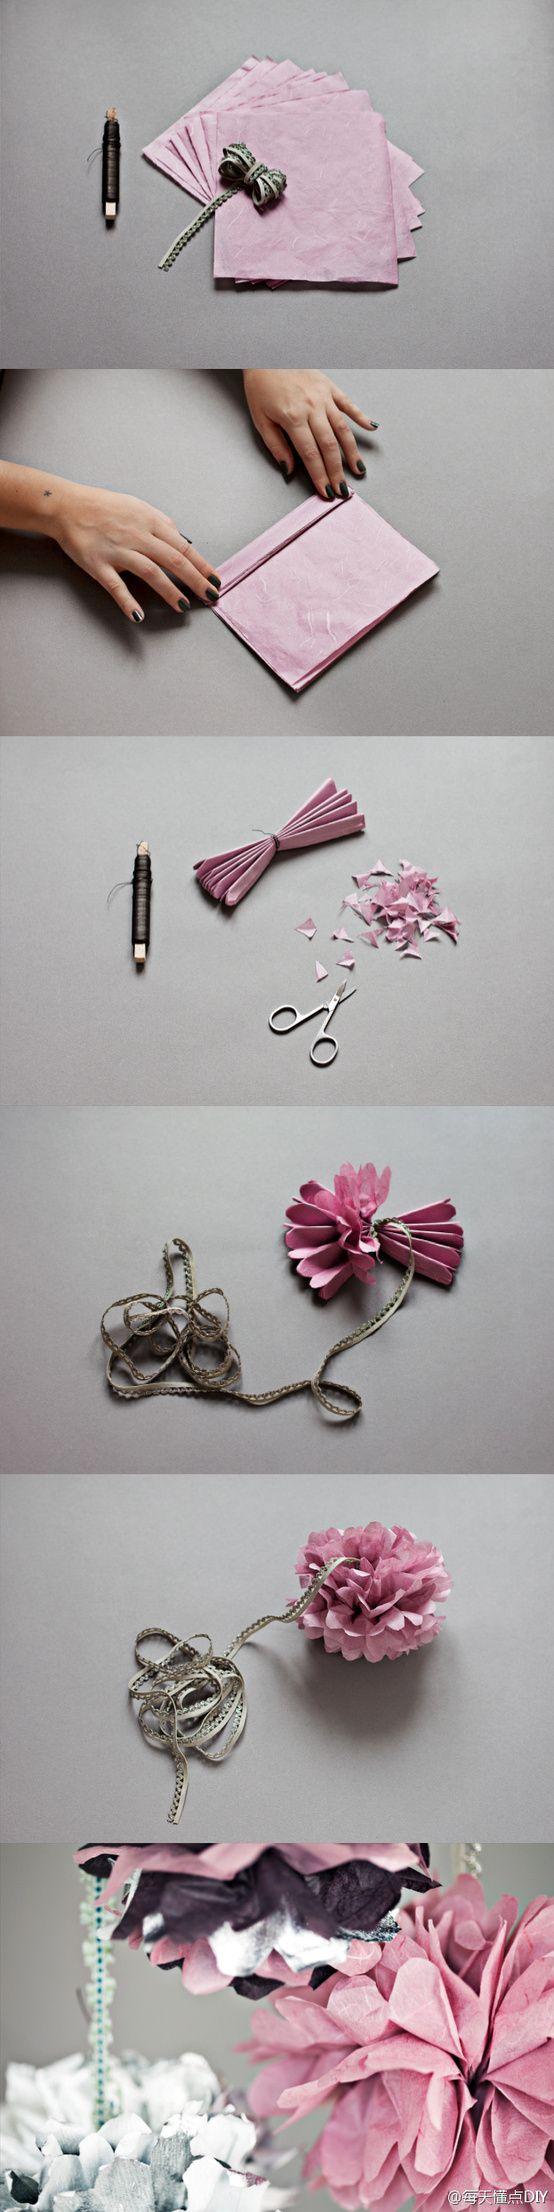 #DIY Paper Flowers